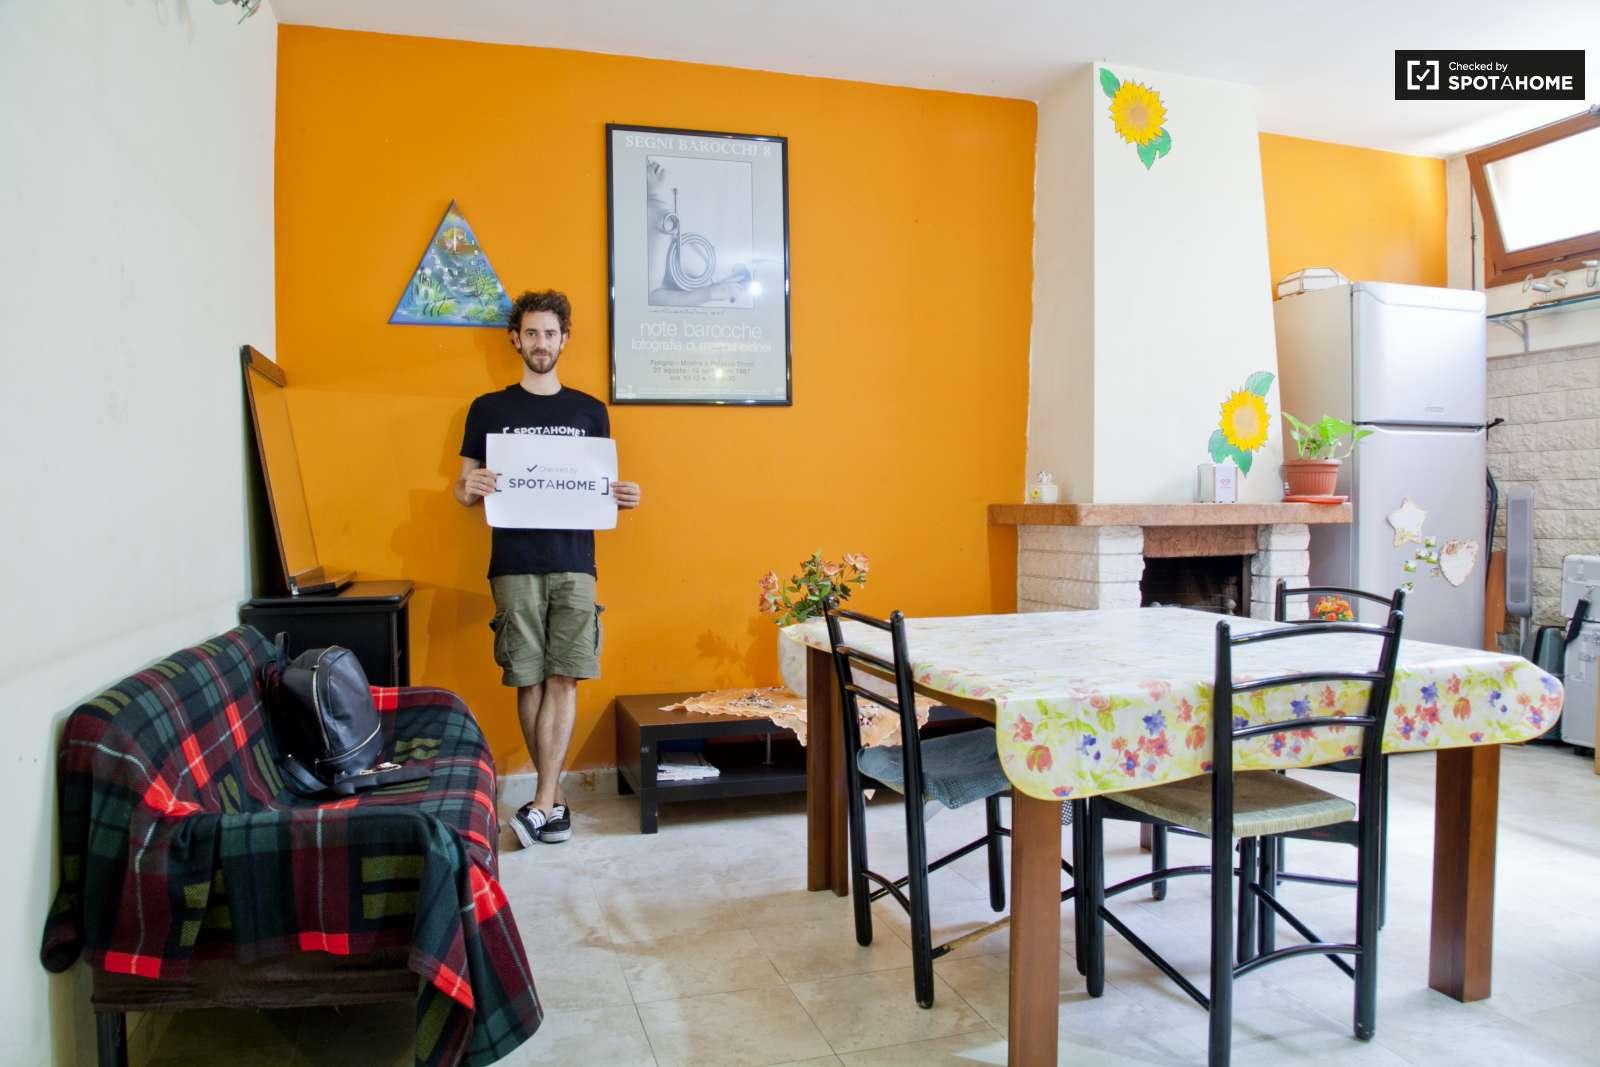 Stanze in affitto in una grande casa con 3 camere da letto for Grande casa con 3 camere da letto